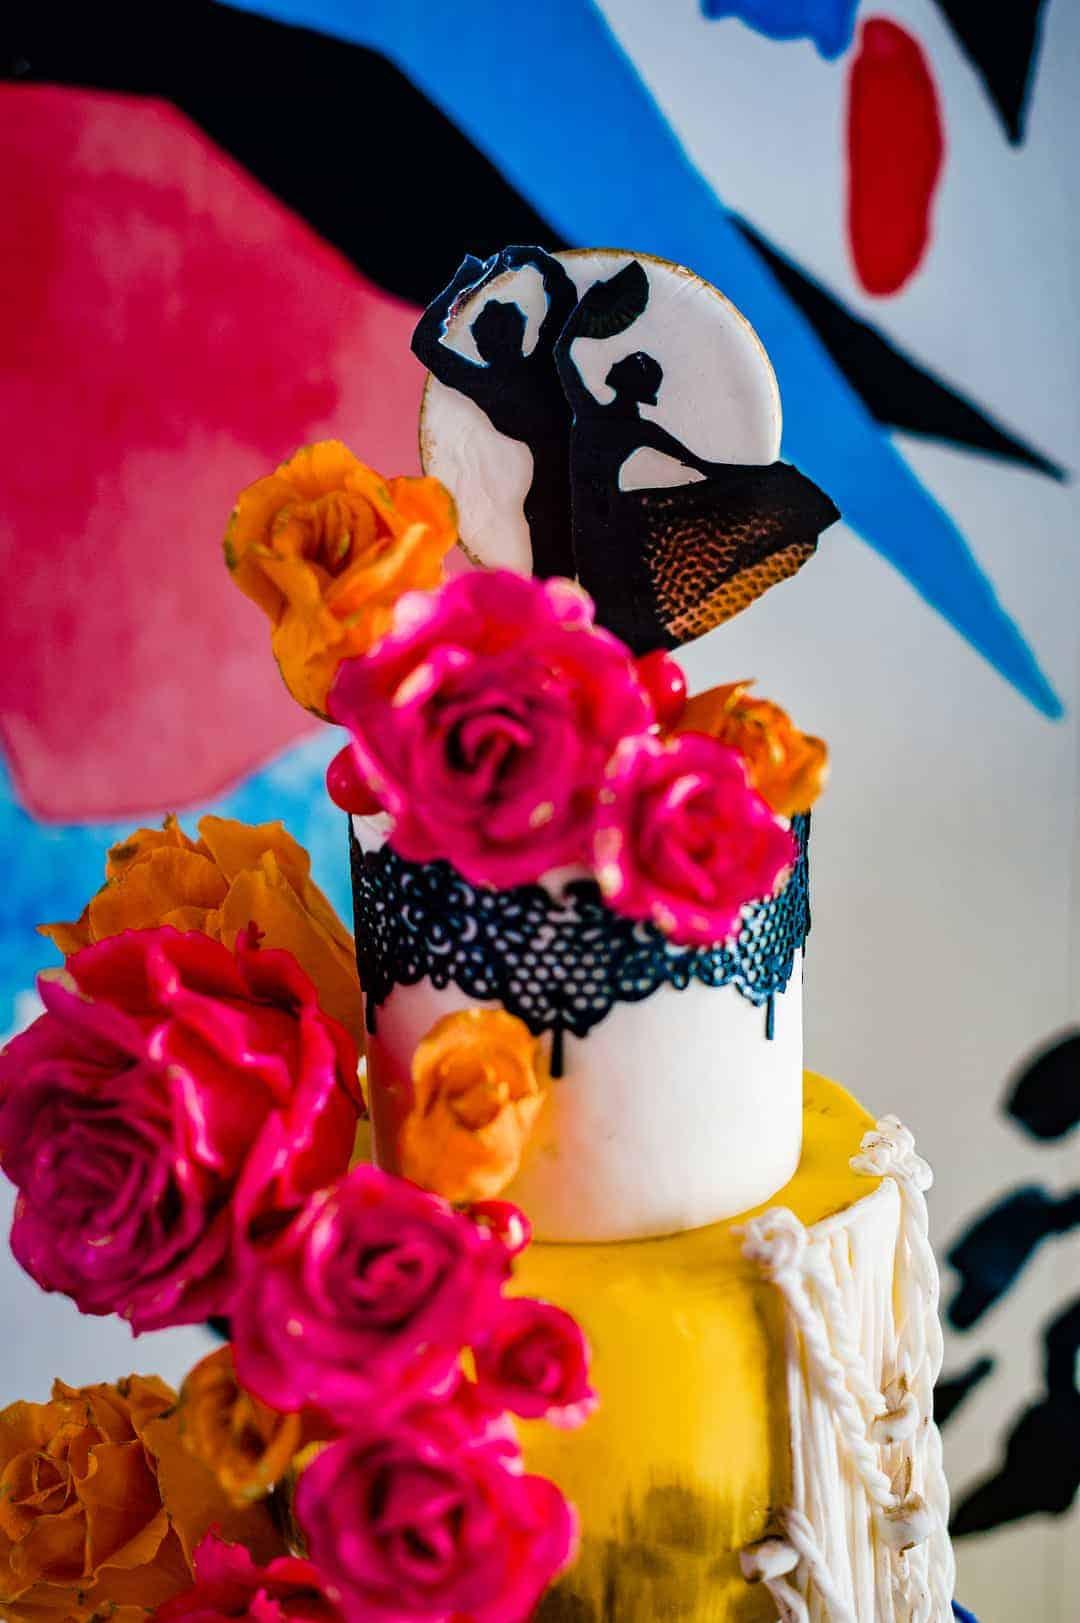 BEAUTIFUL WEDDING INSPIRATION FOR COUPLES WHO WANT TO CELEBRATE THEIR SPANISH CULTURE 5 - Ý TƯỞNG ĐÁM CƯỚI CHỦ ĐỀ TÂY BAN NHA |  Bespoke-Bride: Wedding Blog